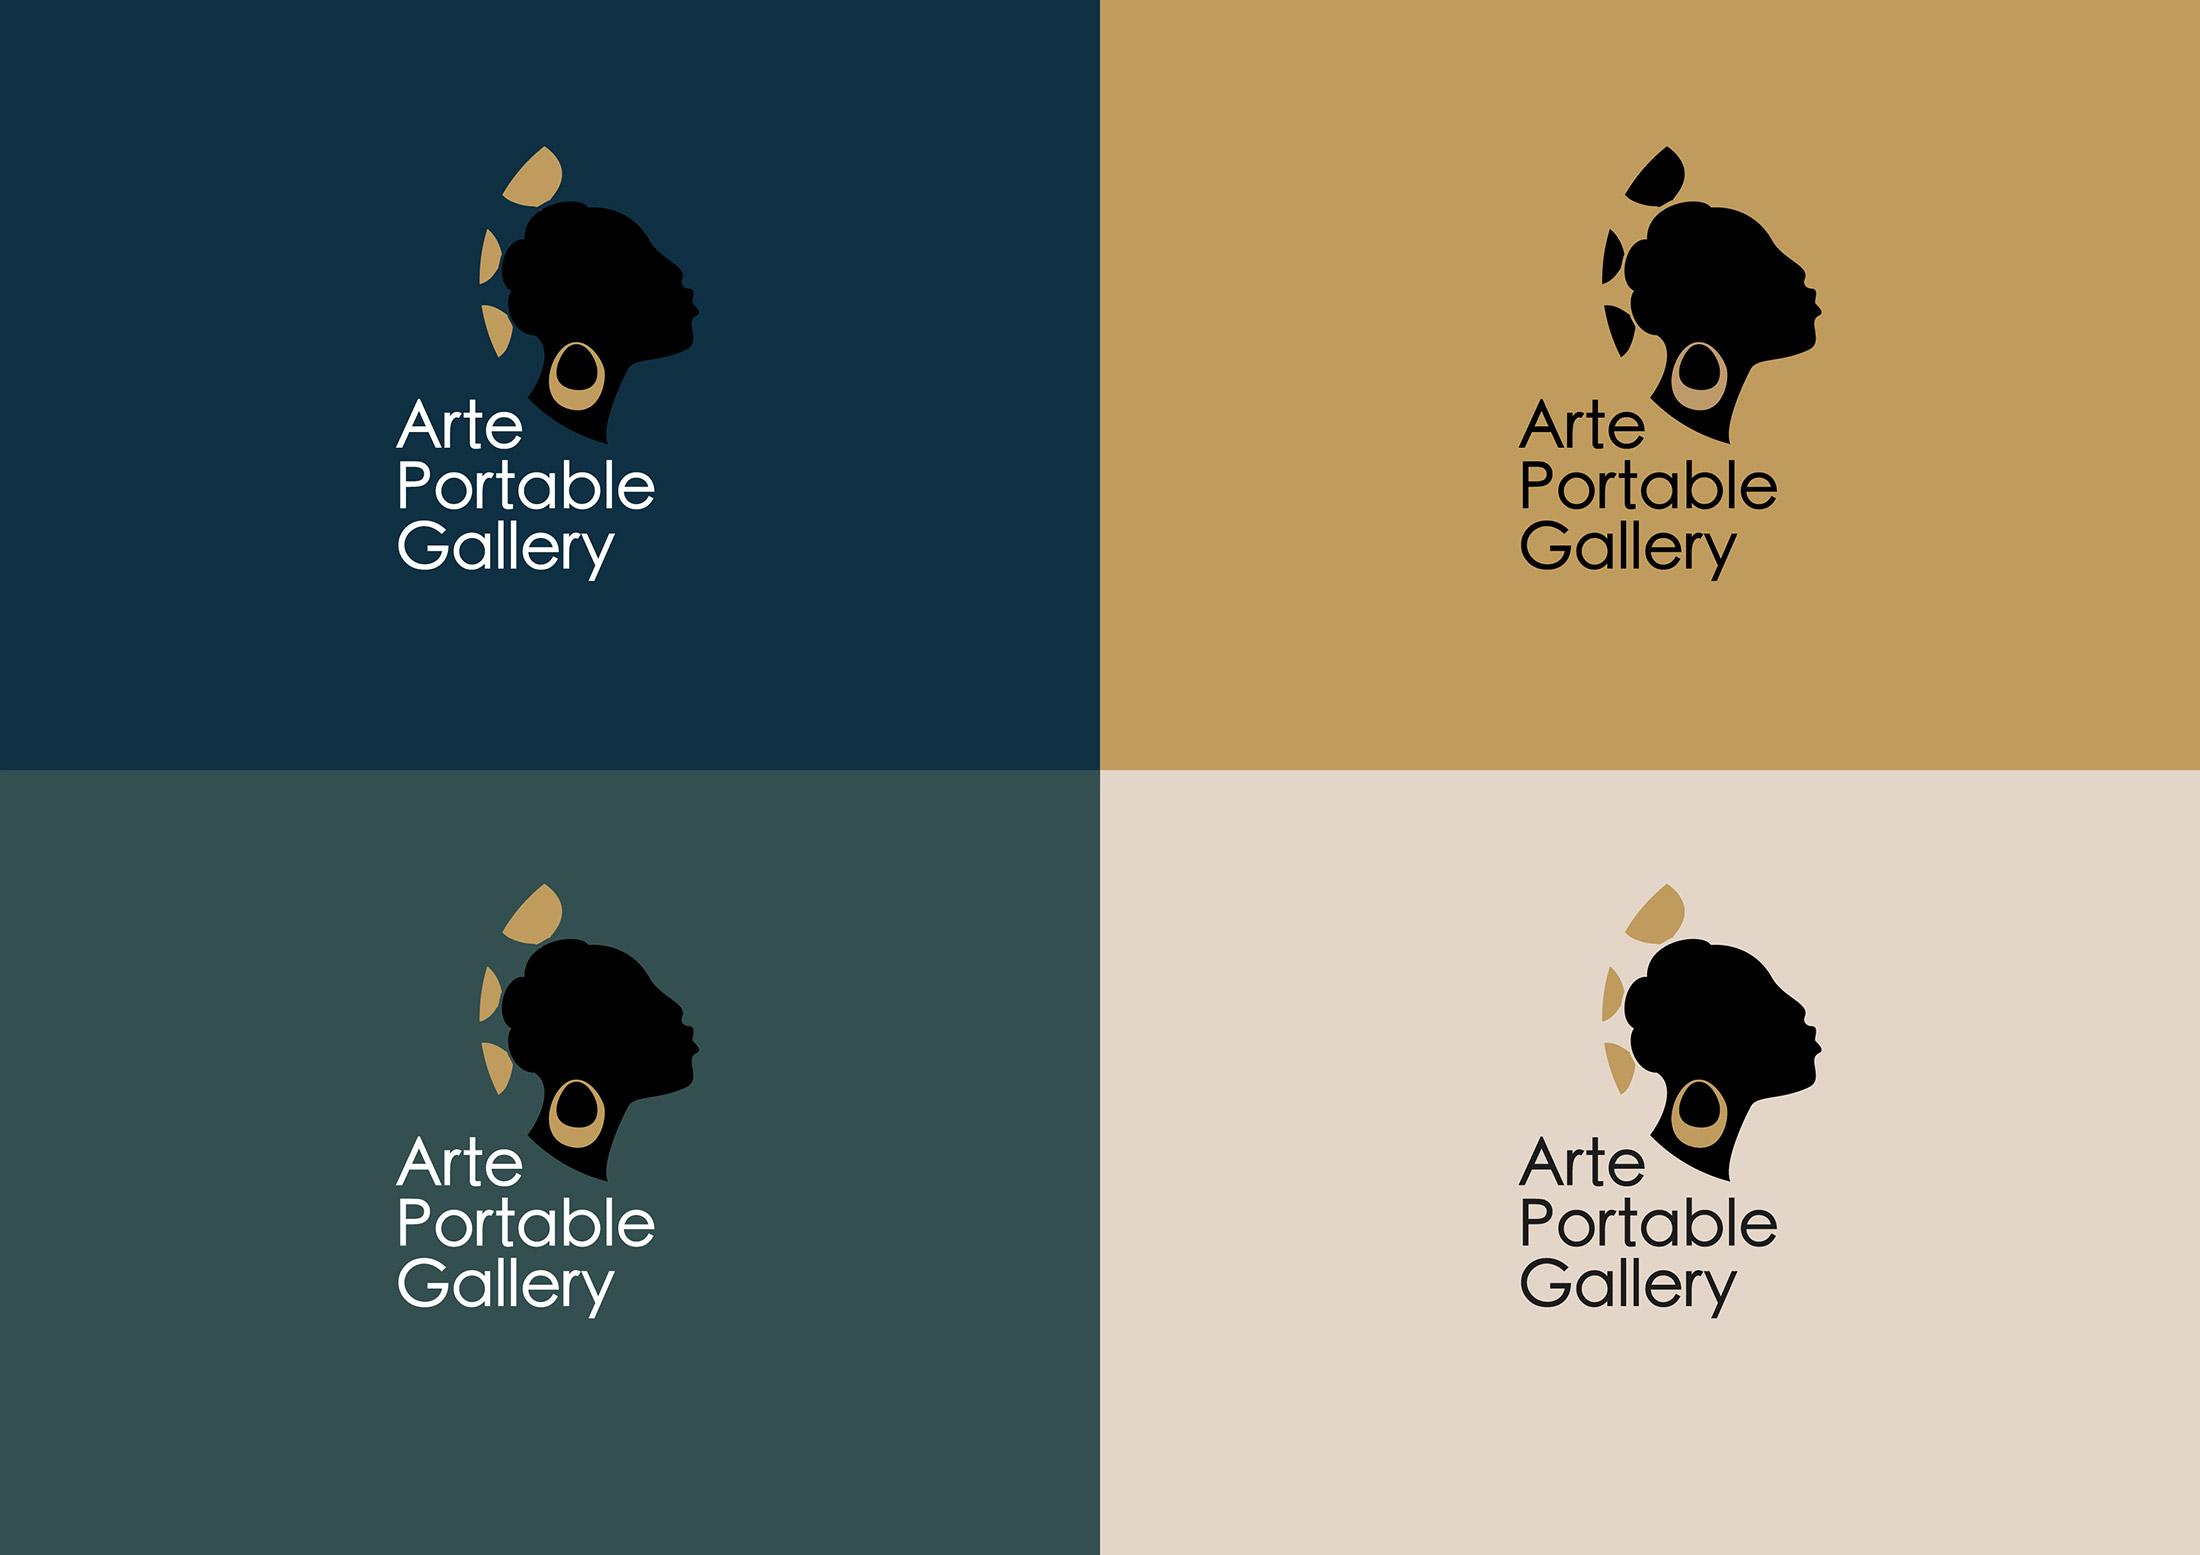 ARTE-PORTABLE-MI-AMIGO-KRUGER-4